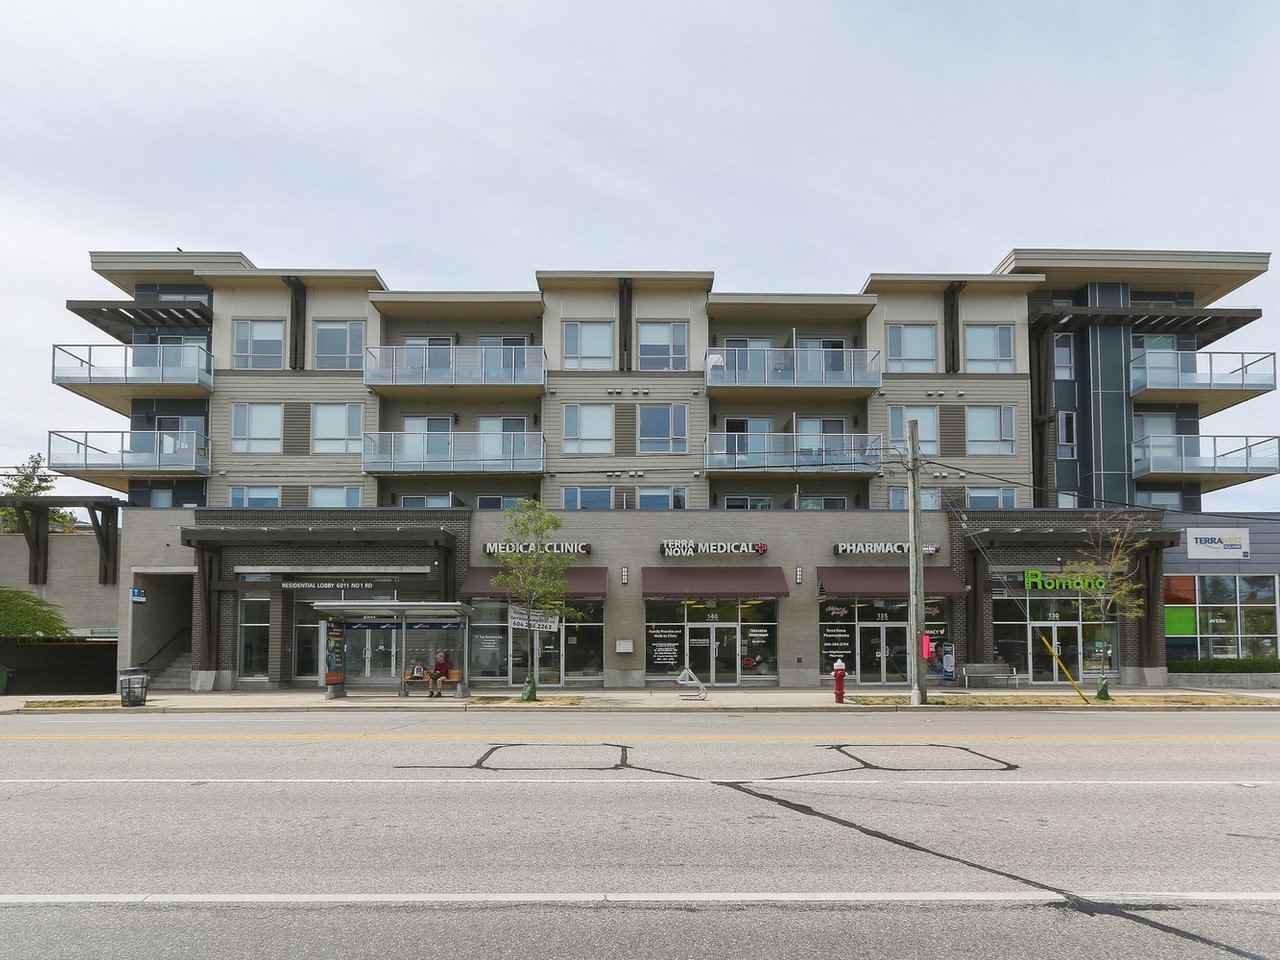 """Photo 2: Photos: 206 6011 NO. 1 Road in Richmond: Terra Nova Condo for sale in """"TERRA WEST"""" : MLS®# R2398538"""